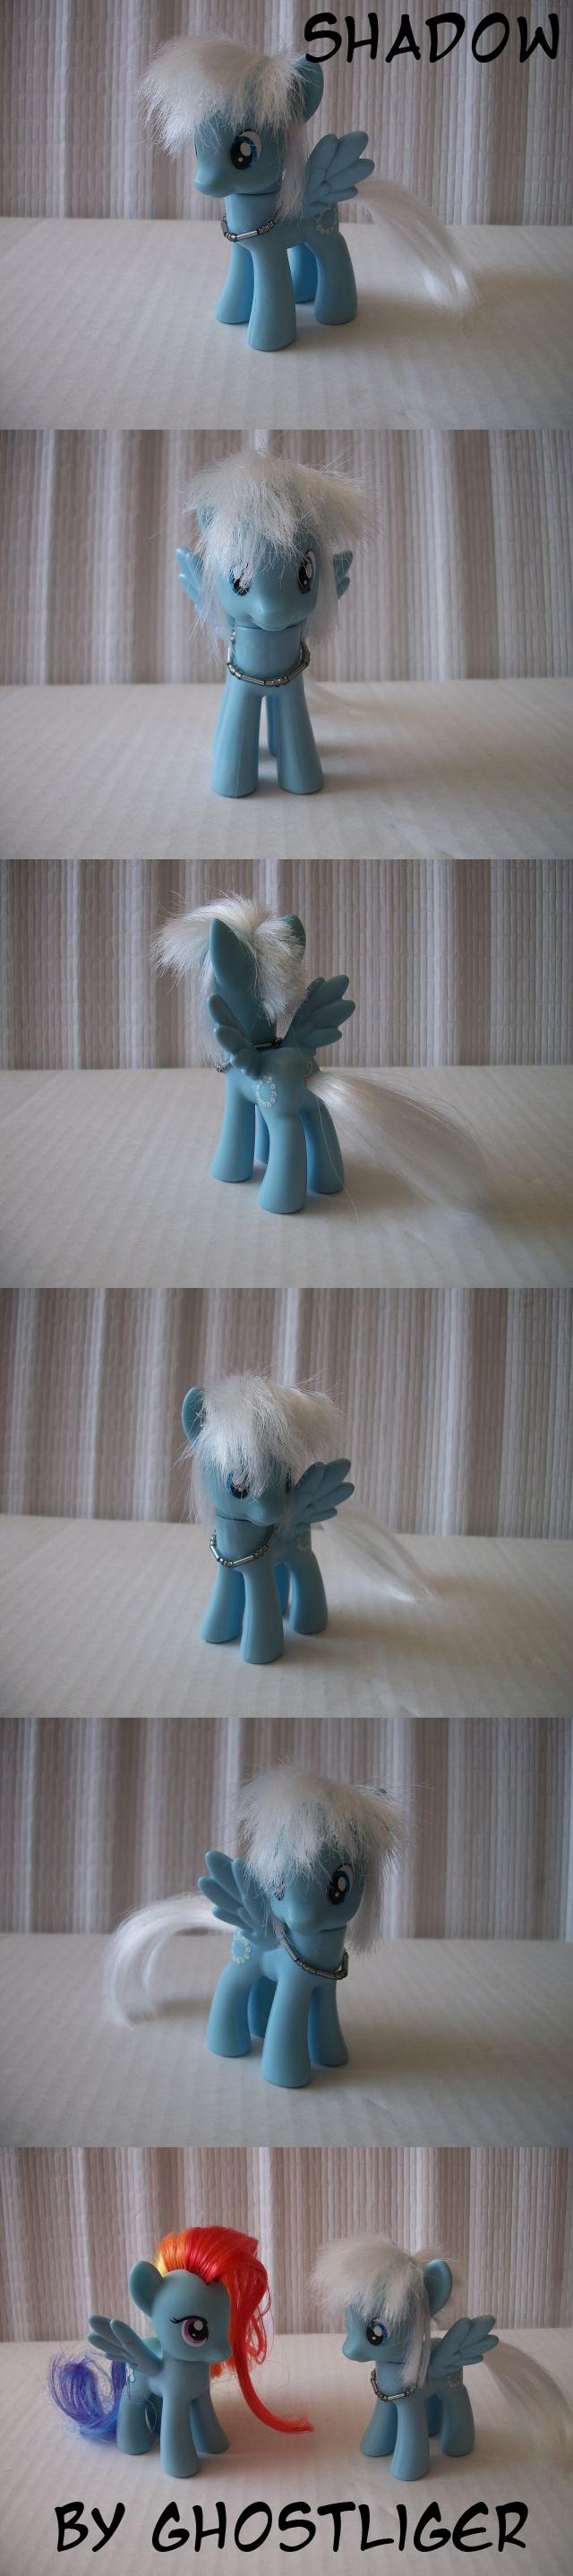 Custom pony - Shadow by GhostLiger